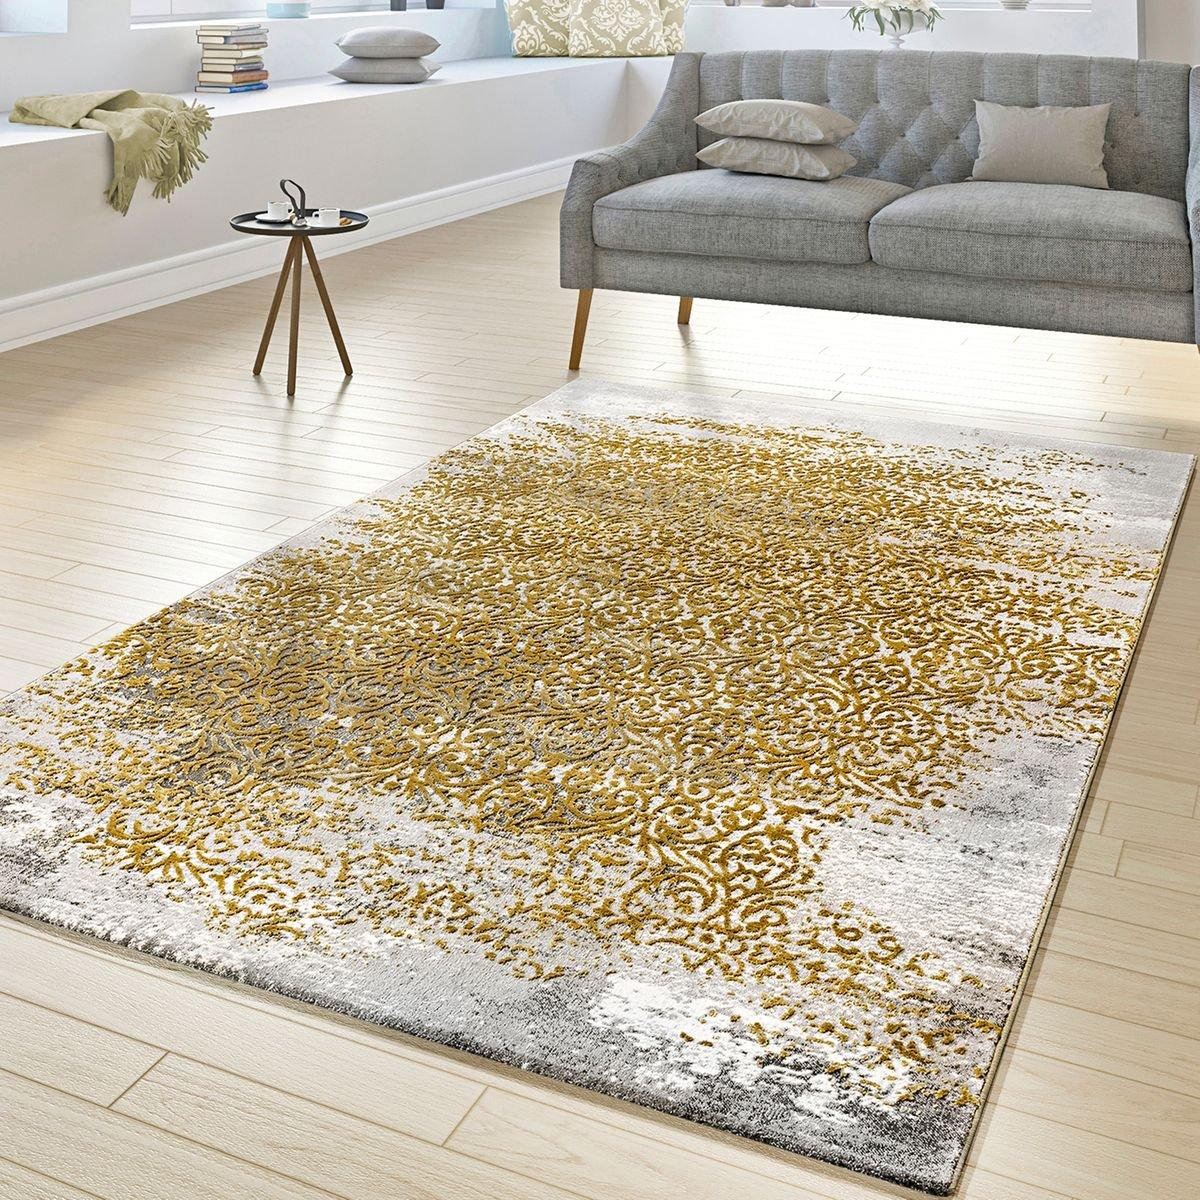 T&T Design Designer Teppich Wohnzimmer Kurzflor Teppich Florale Ornamente Grau Gold Gelb, Größe 200x290 cm